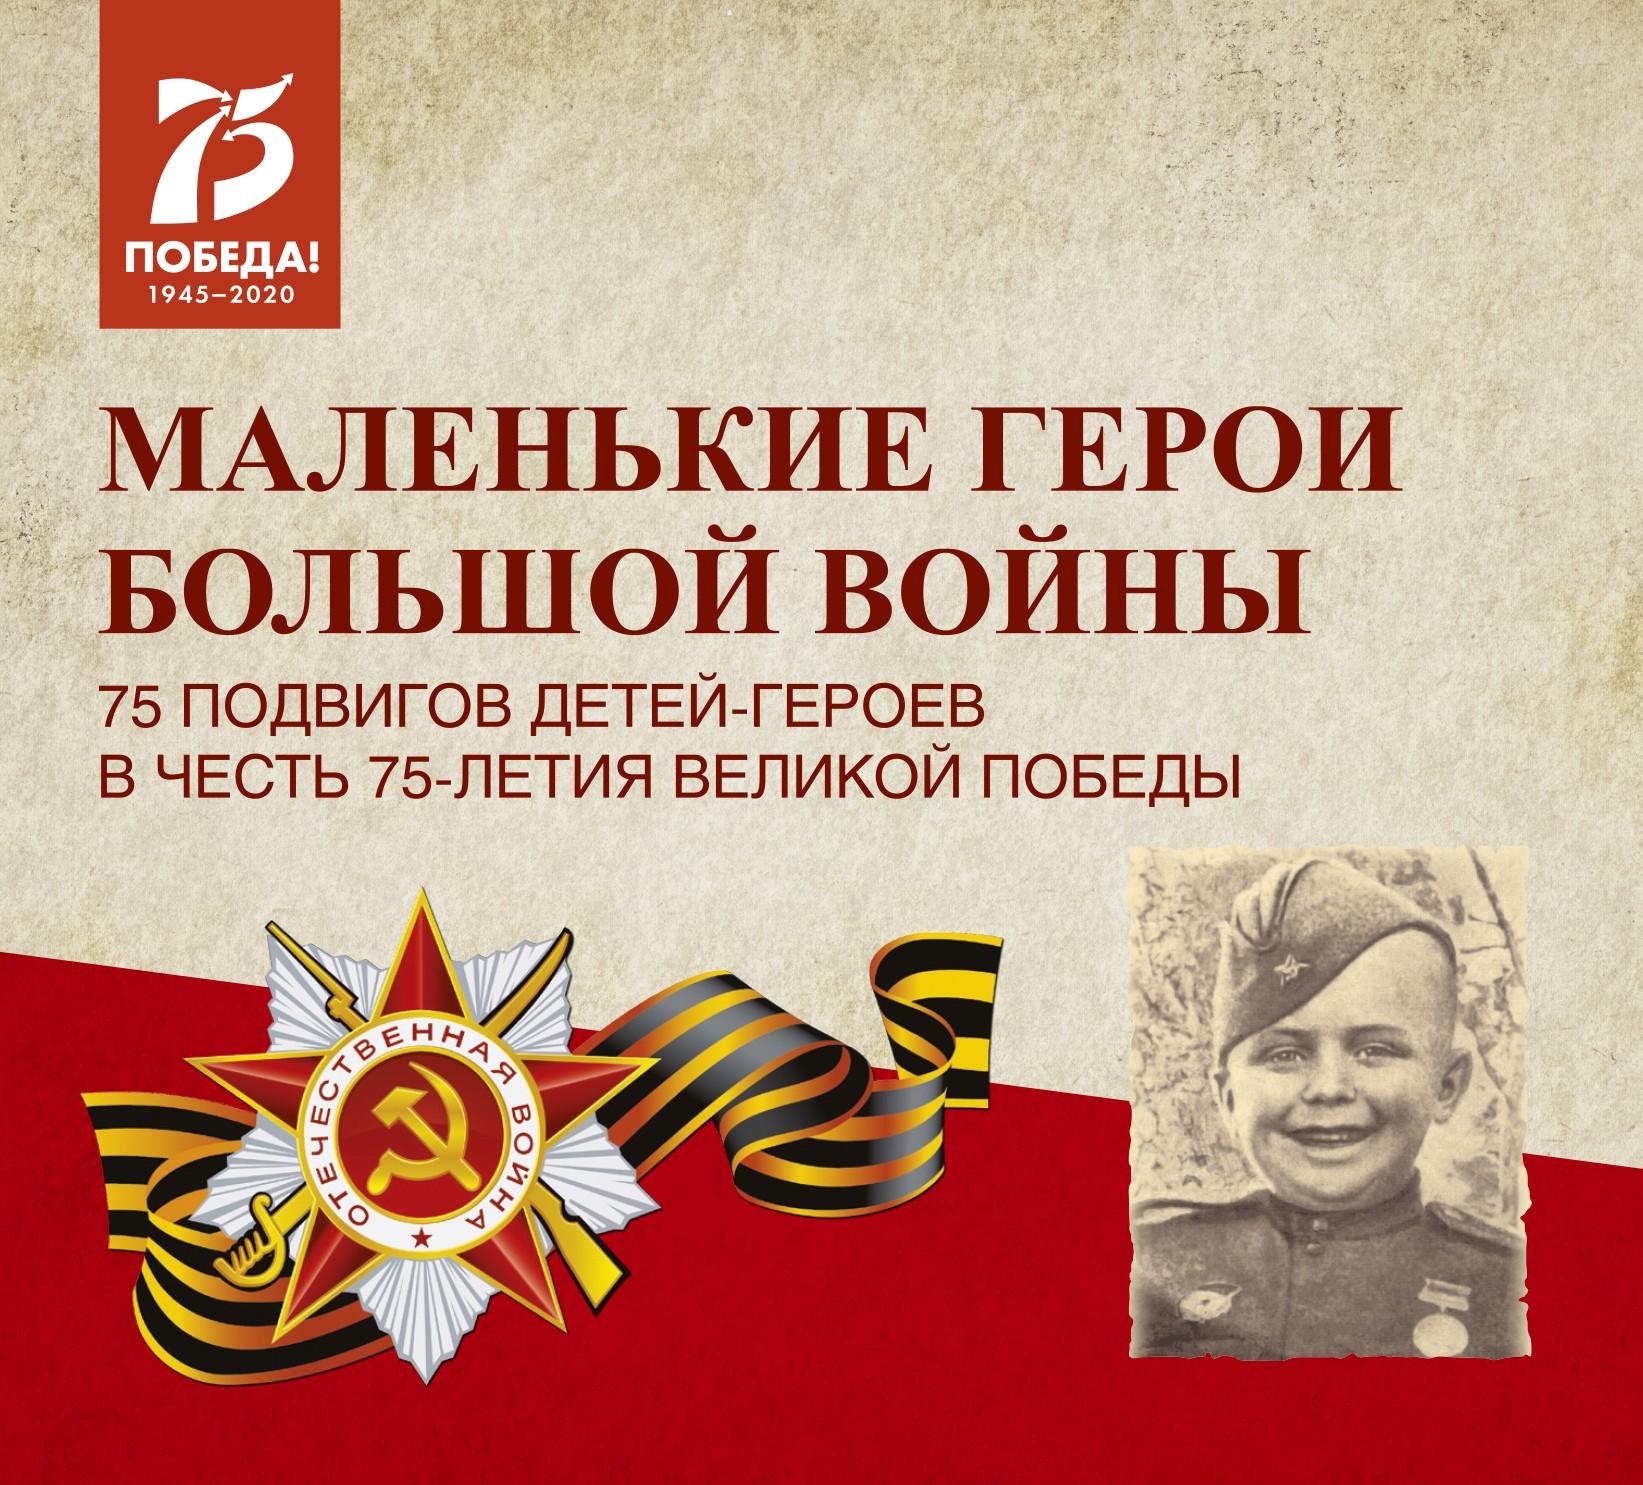 Фонд Оксаны Федоровой выпускает аудиокнигу о детях-героях